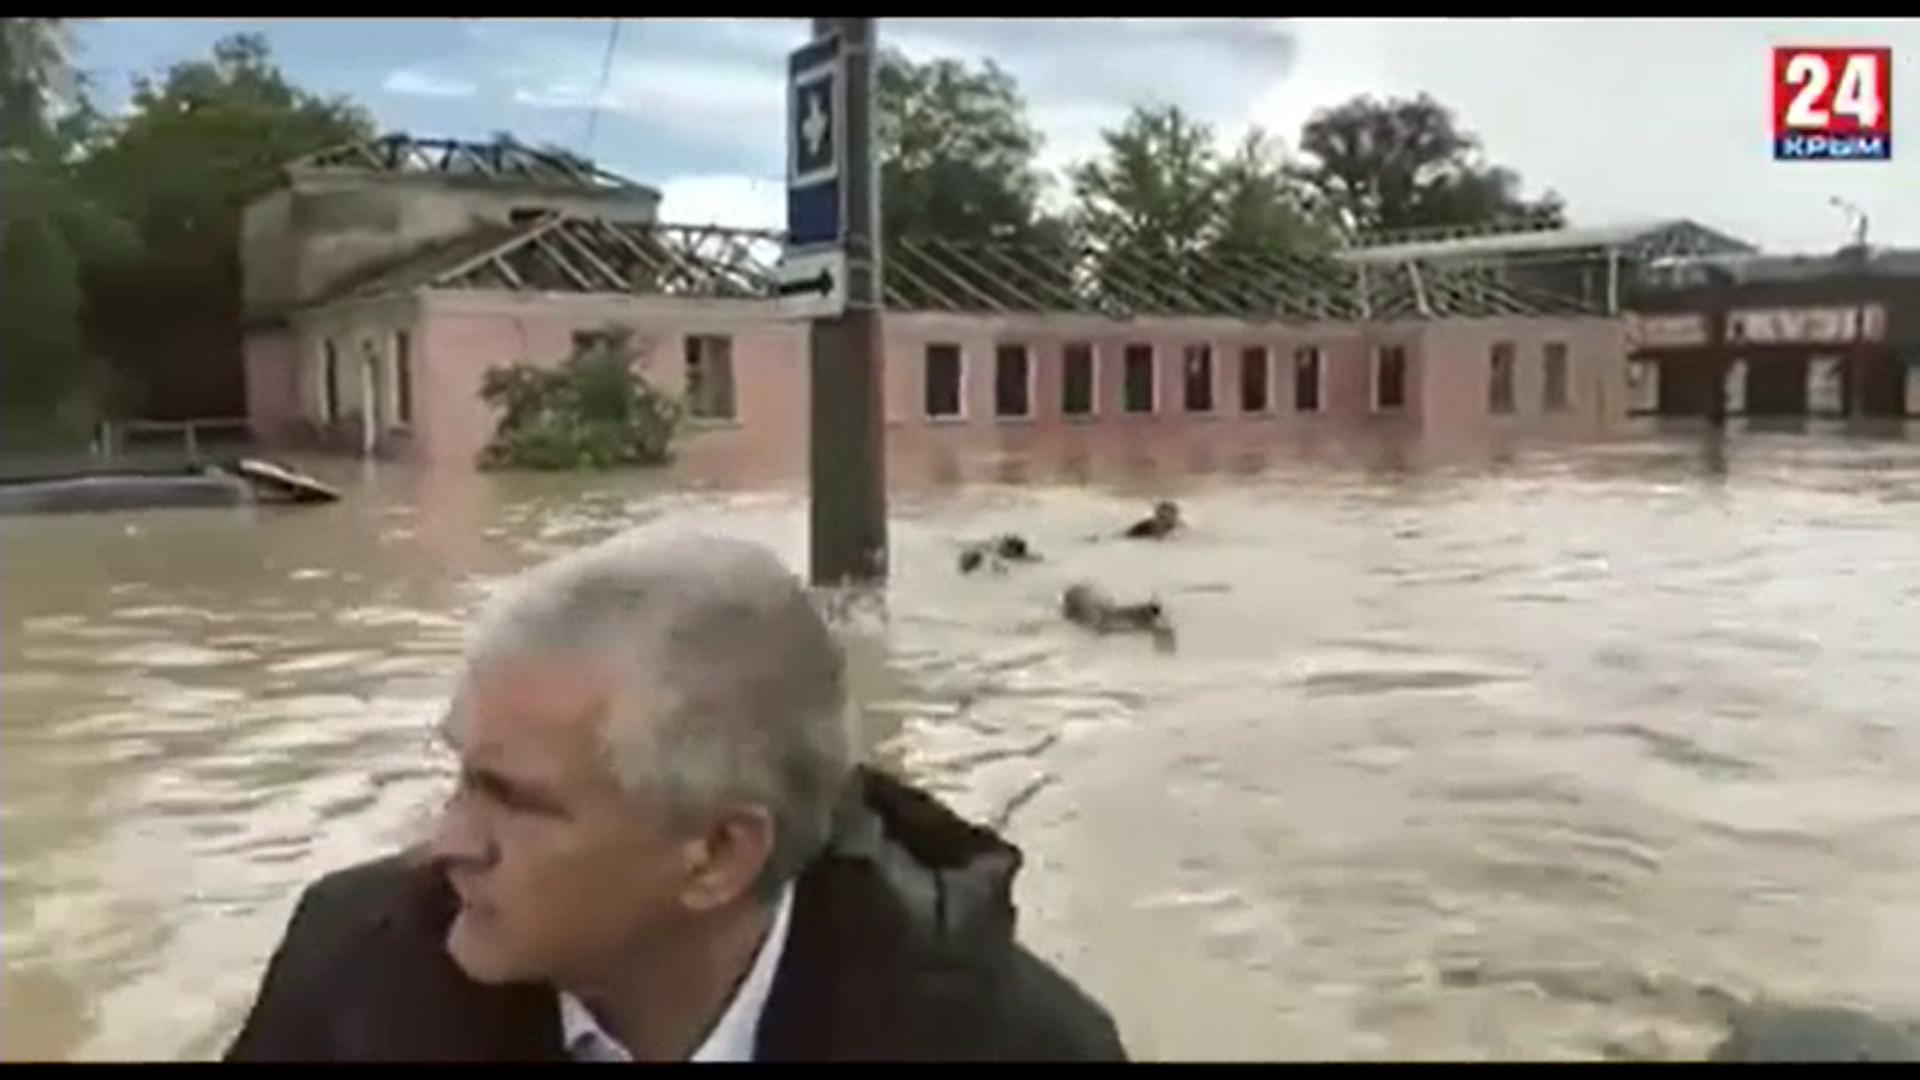 Imagini amuzante în Crimeea. Ce făceau angajaţii în timp ce preşedintele regiunii vizita, dintr-o barcă, o regiune inundată